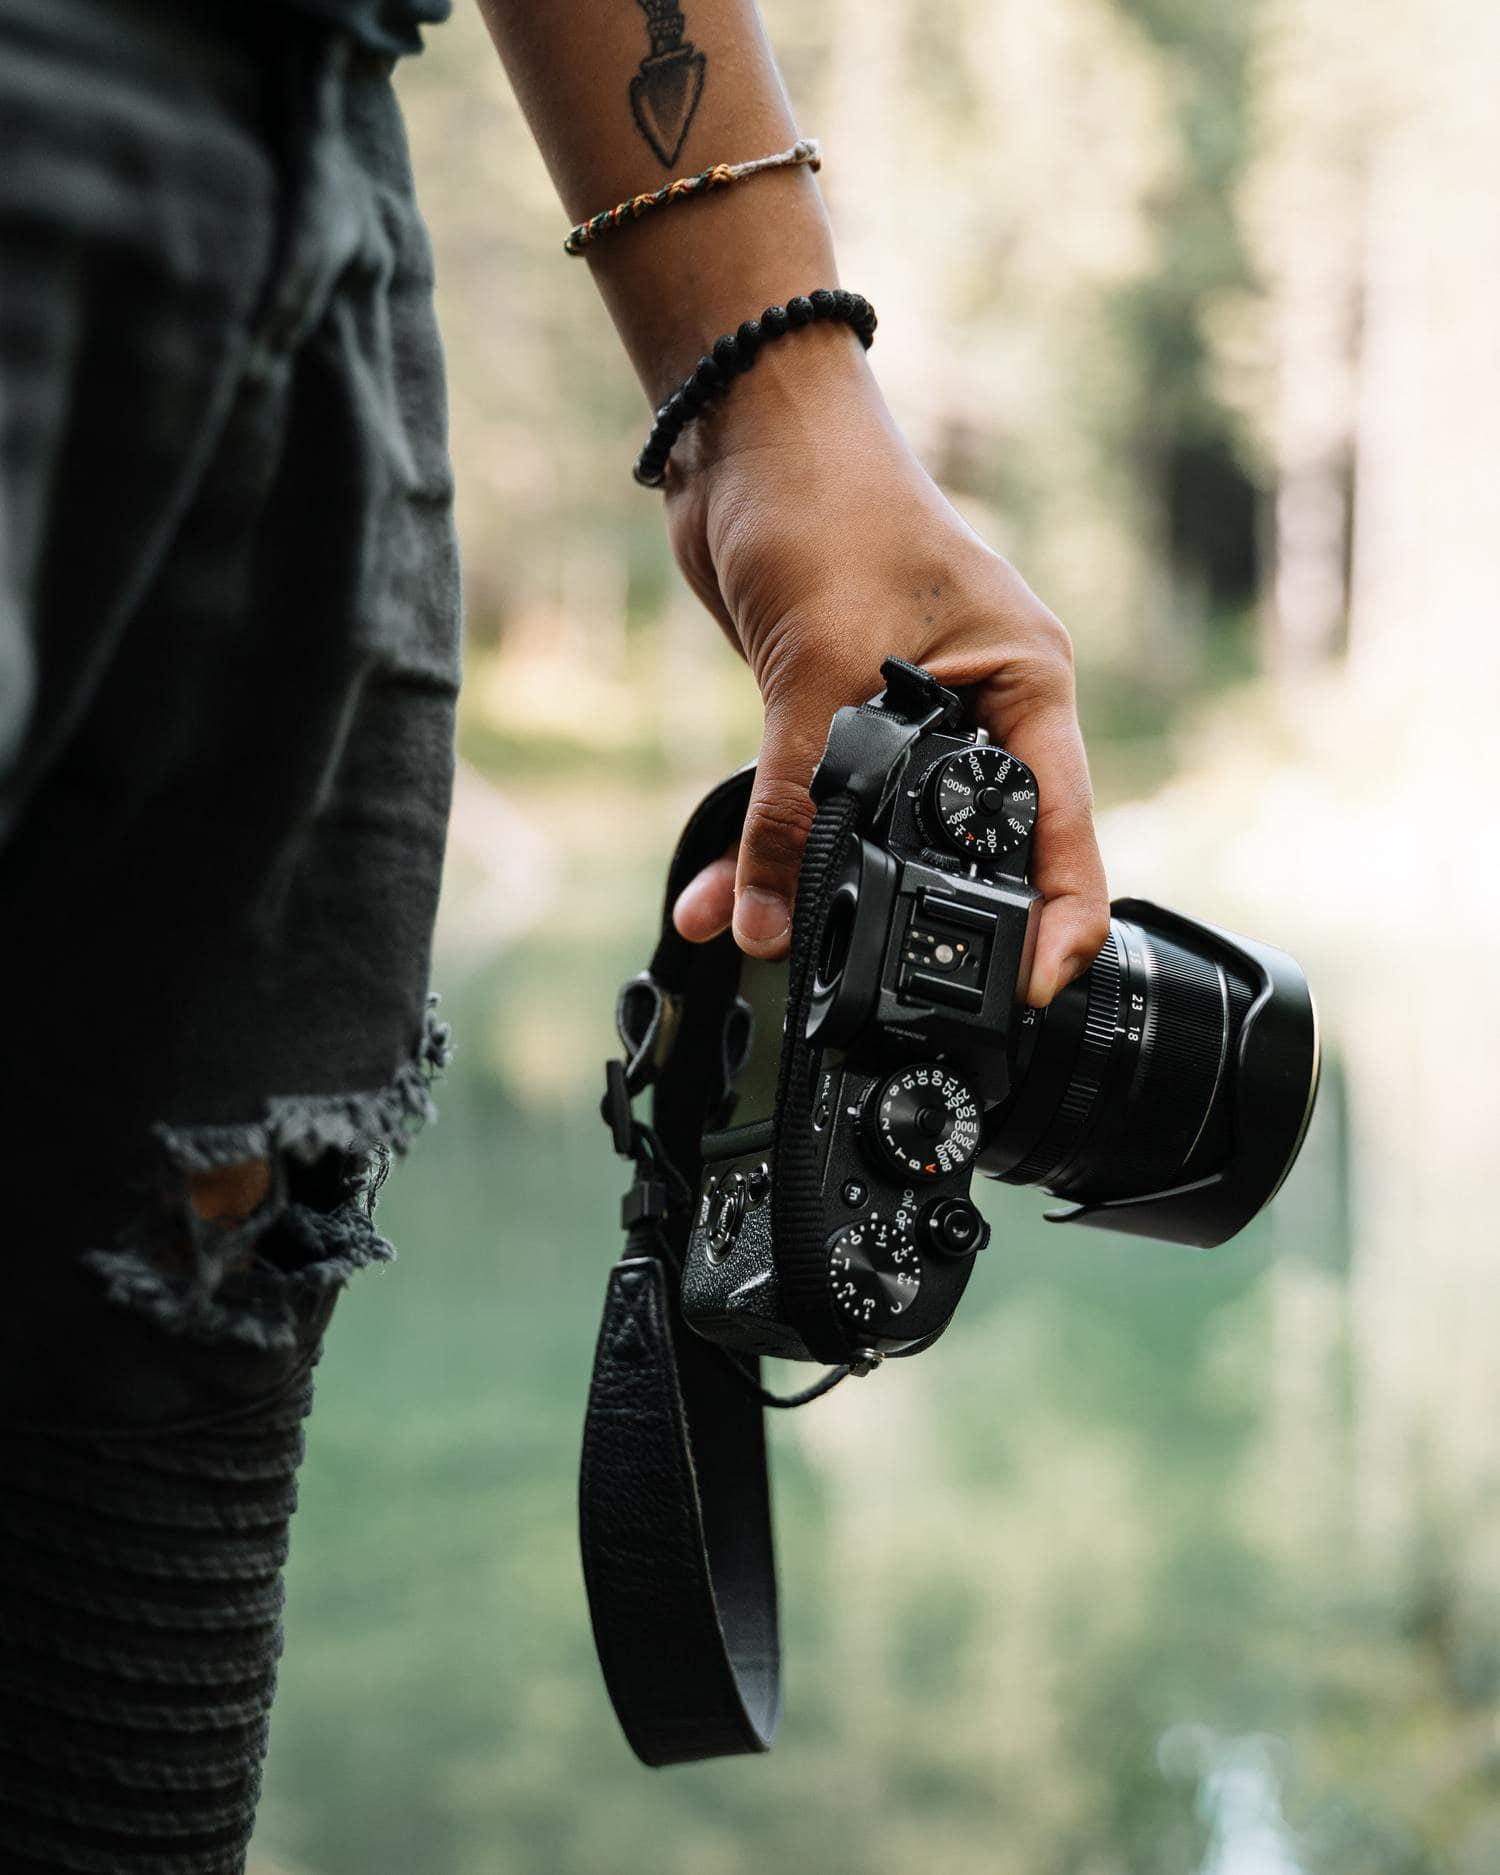 cámara fotógrafo con diales de modos